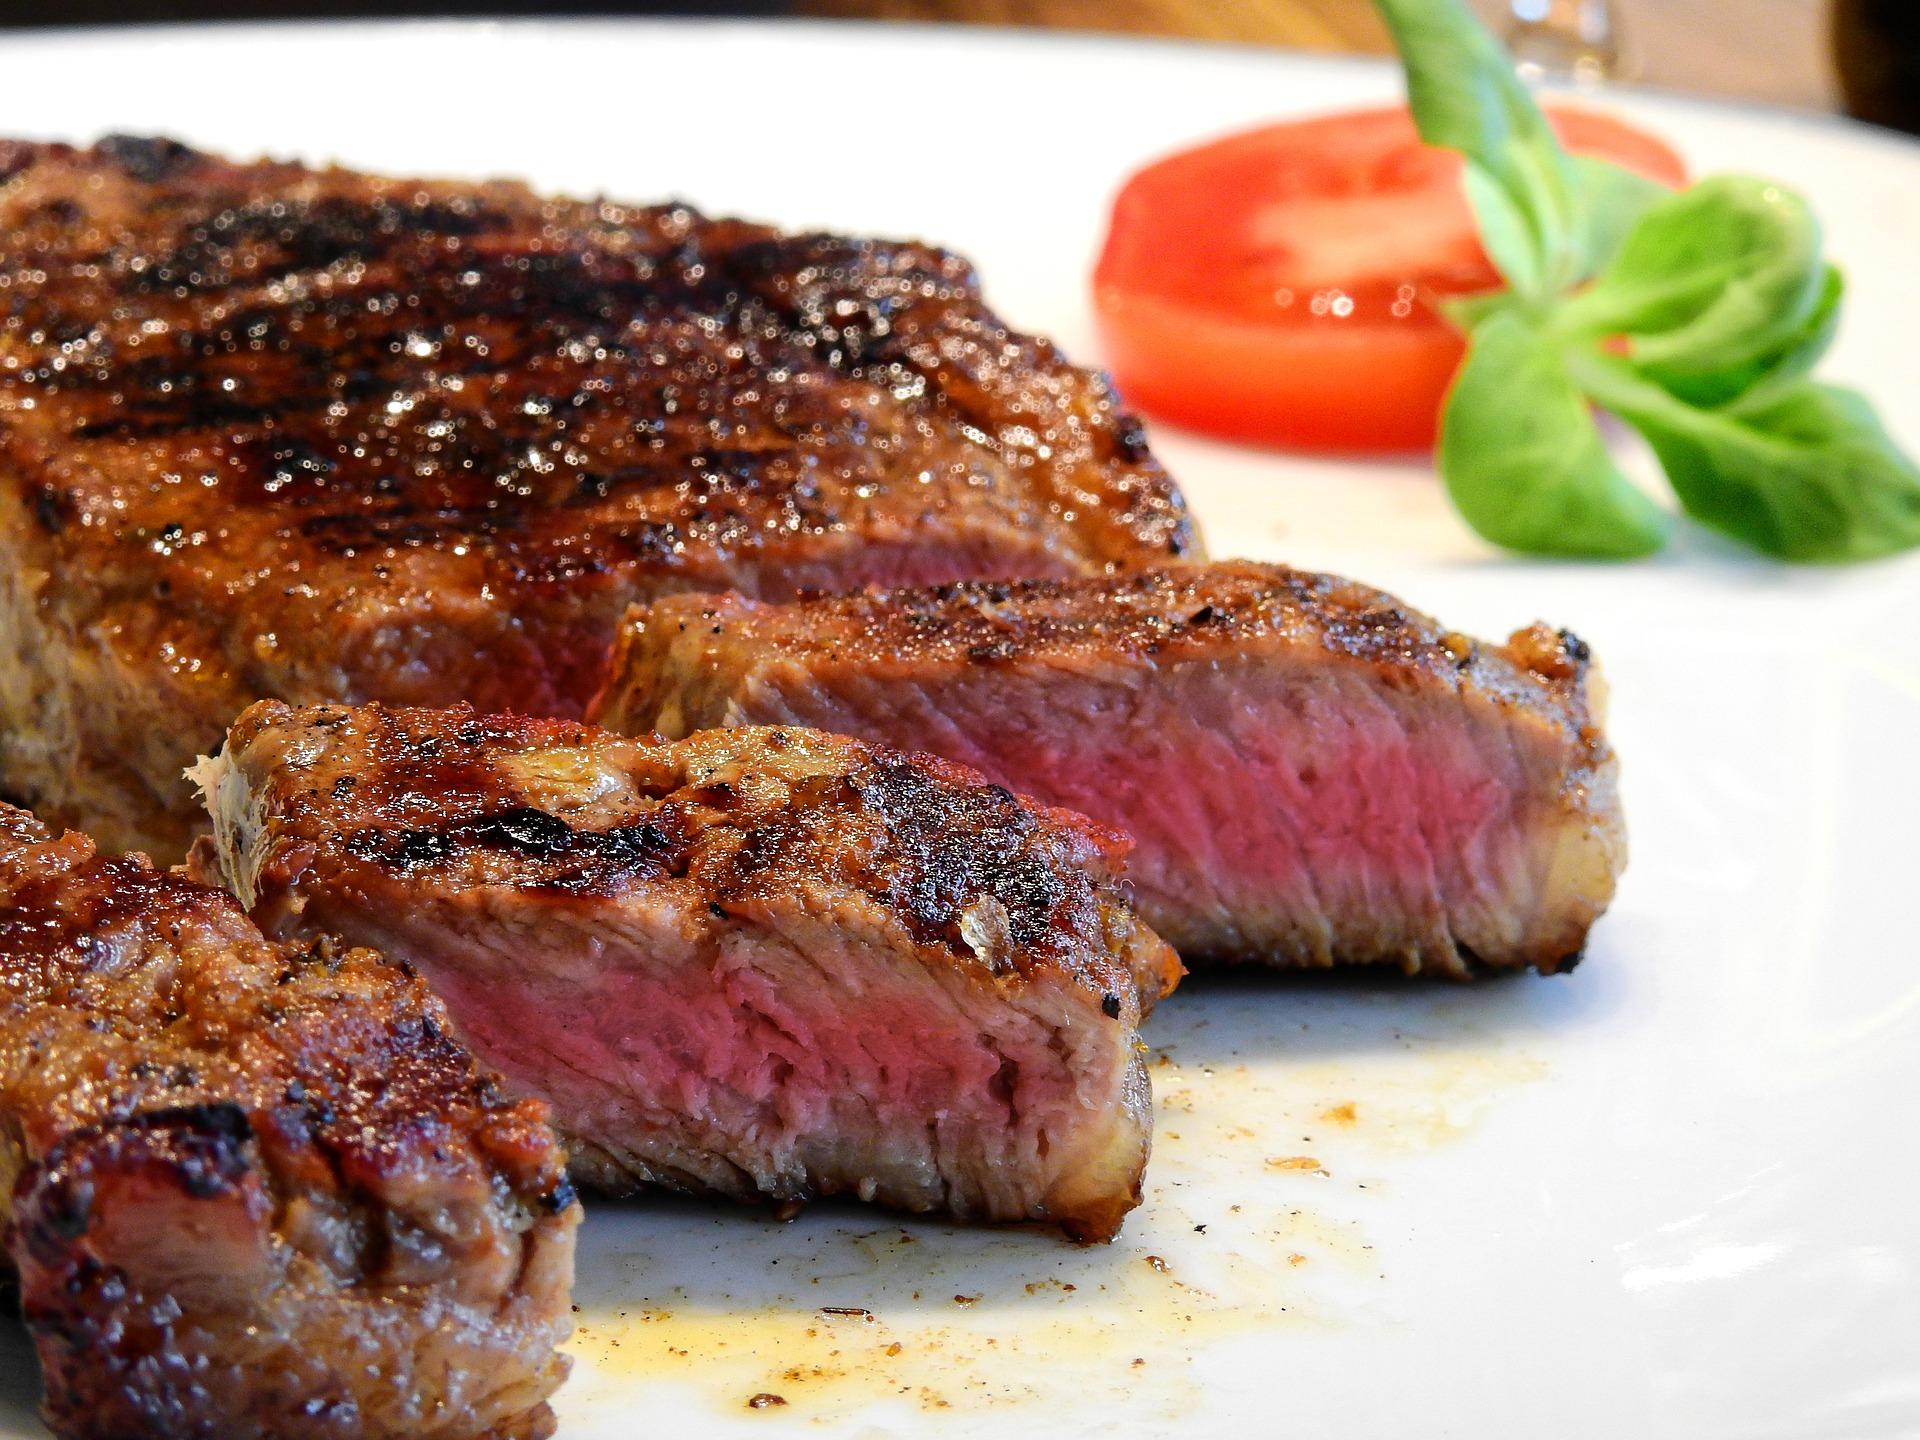 Mitől vörös a Steak?